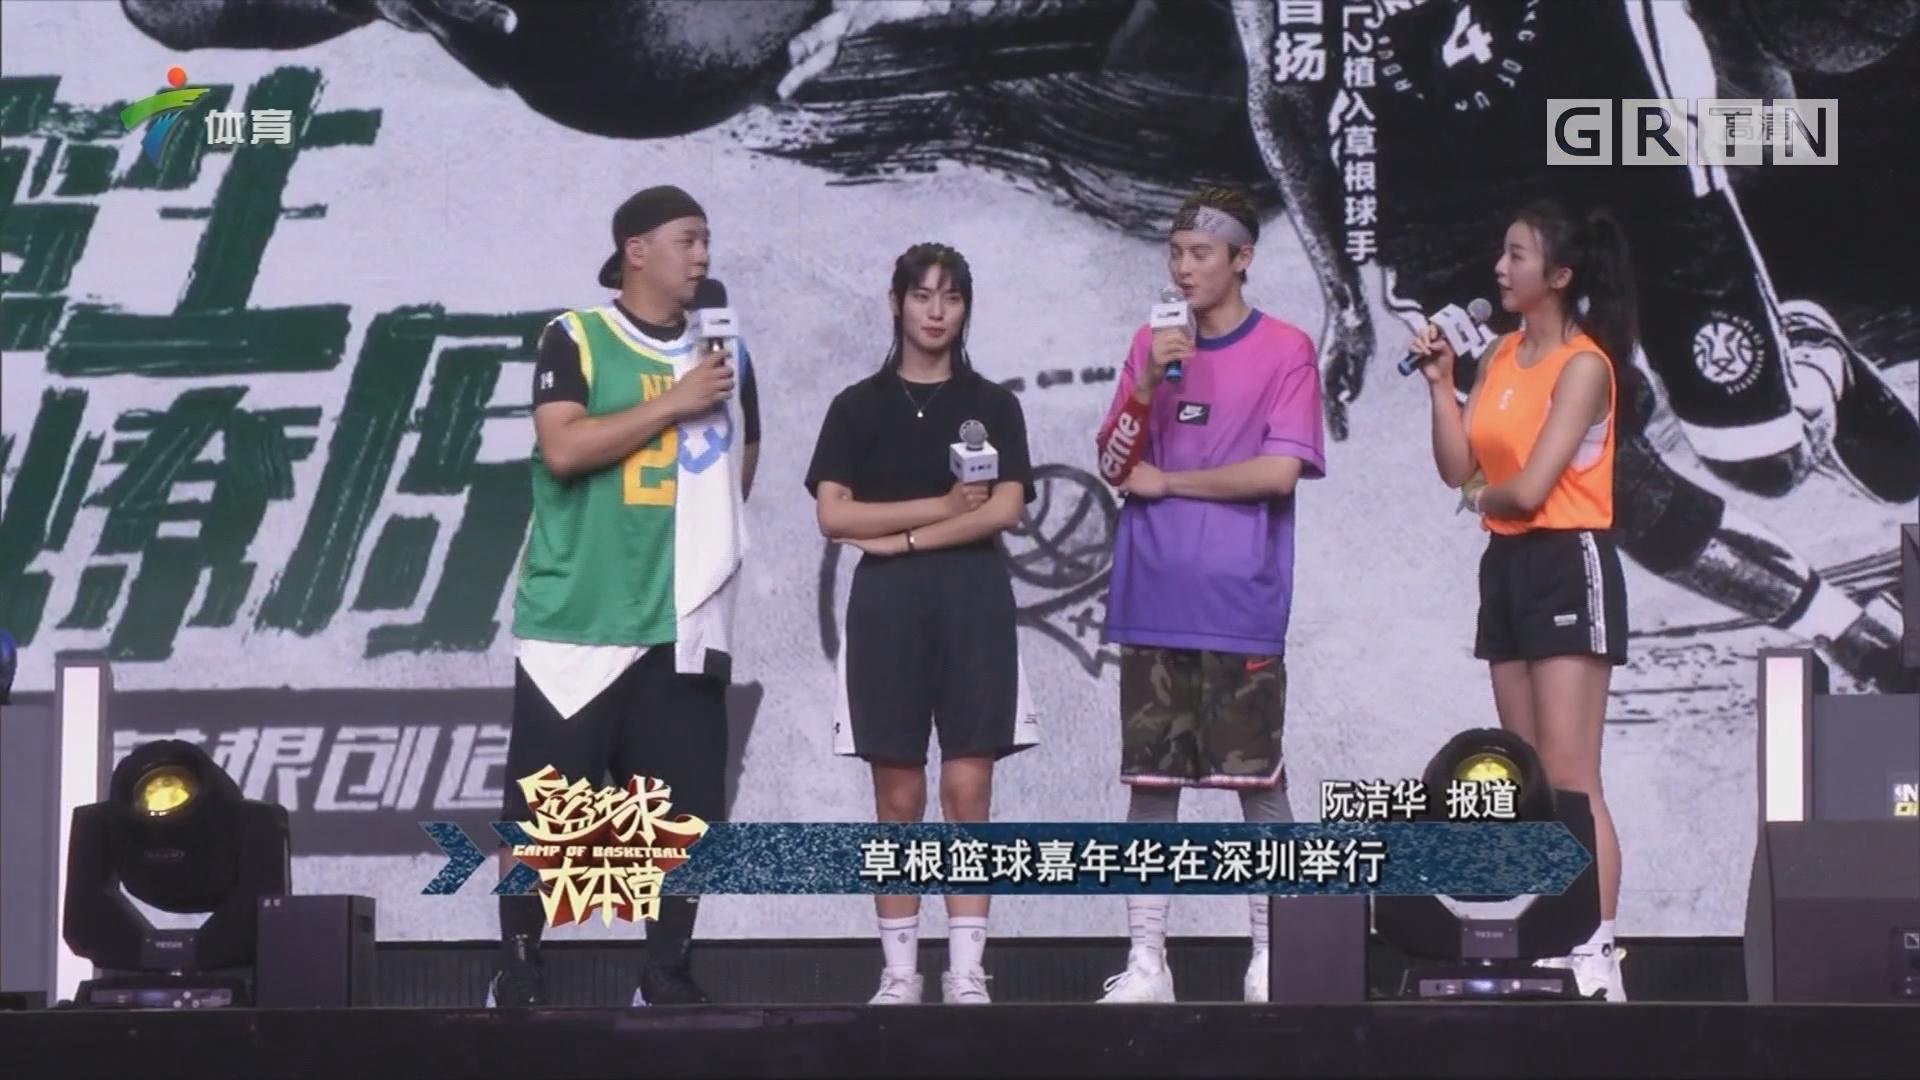 草根篮球嘉年华在深圳举行